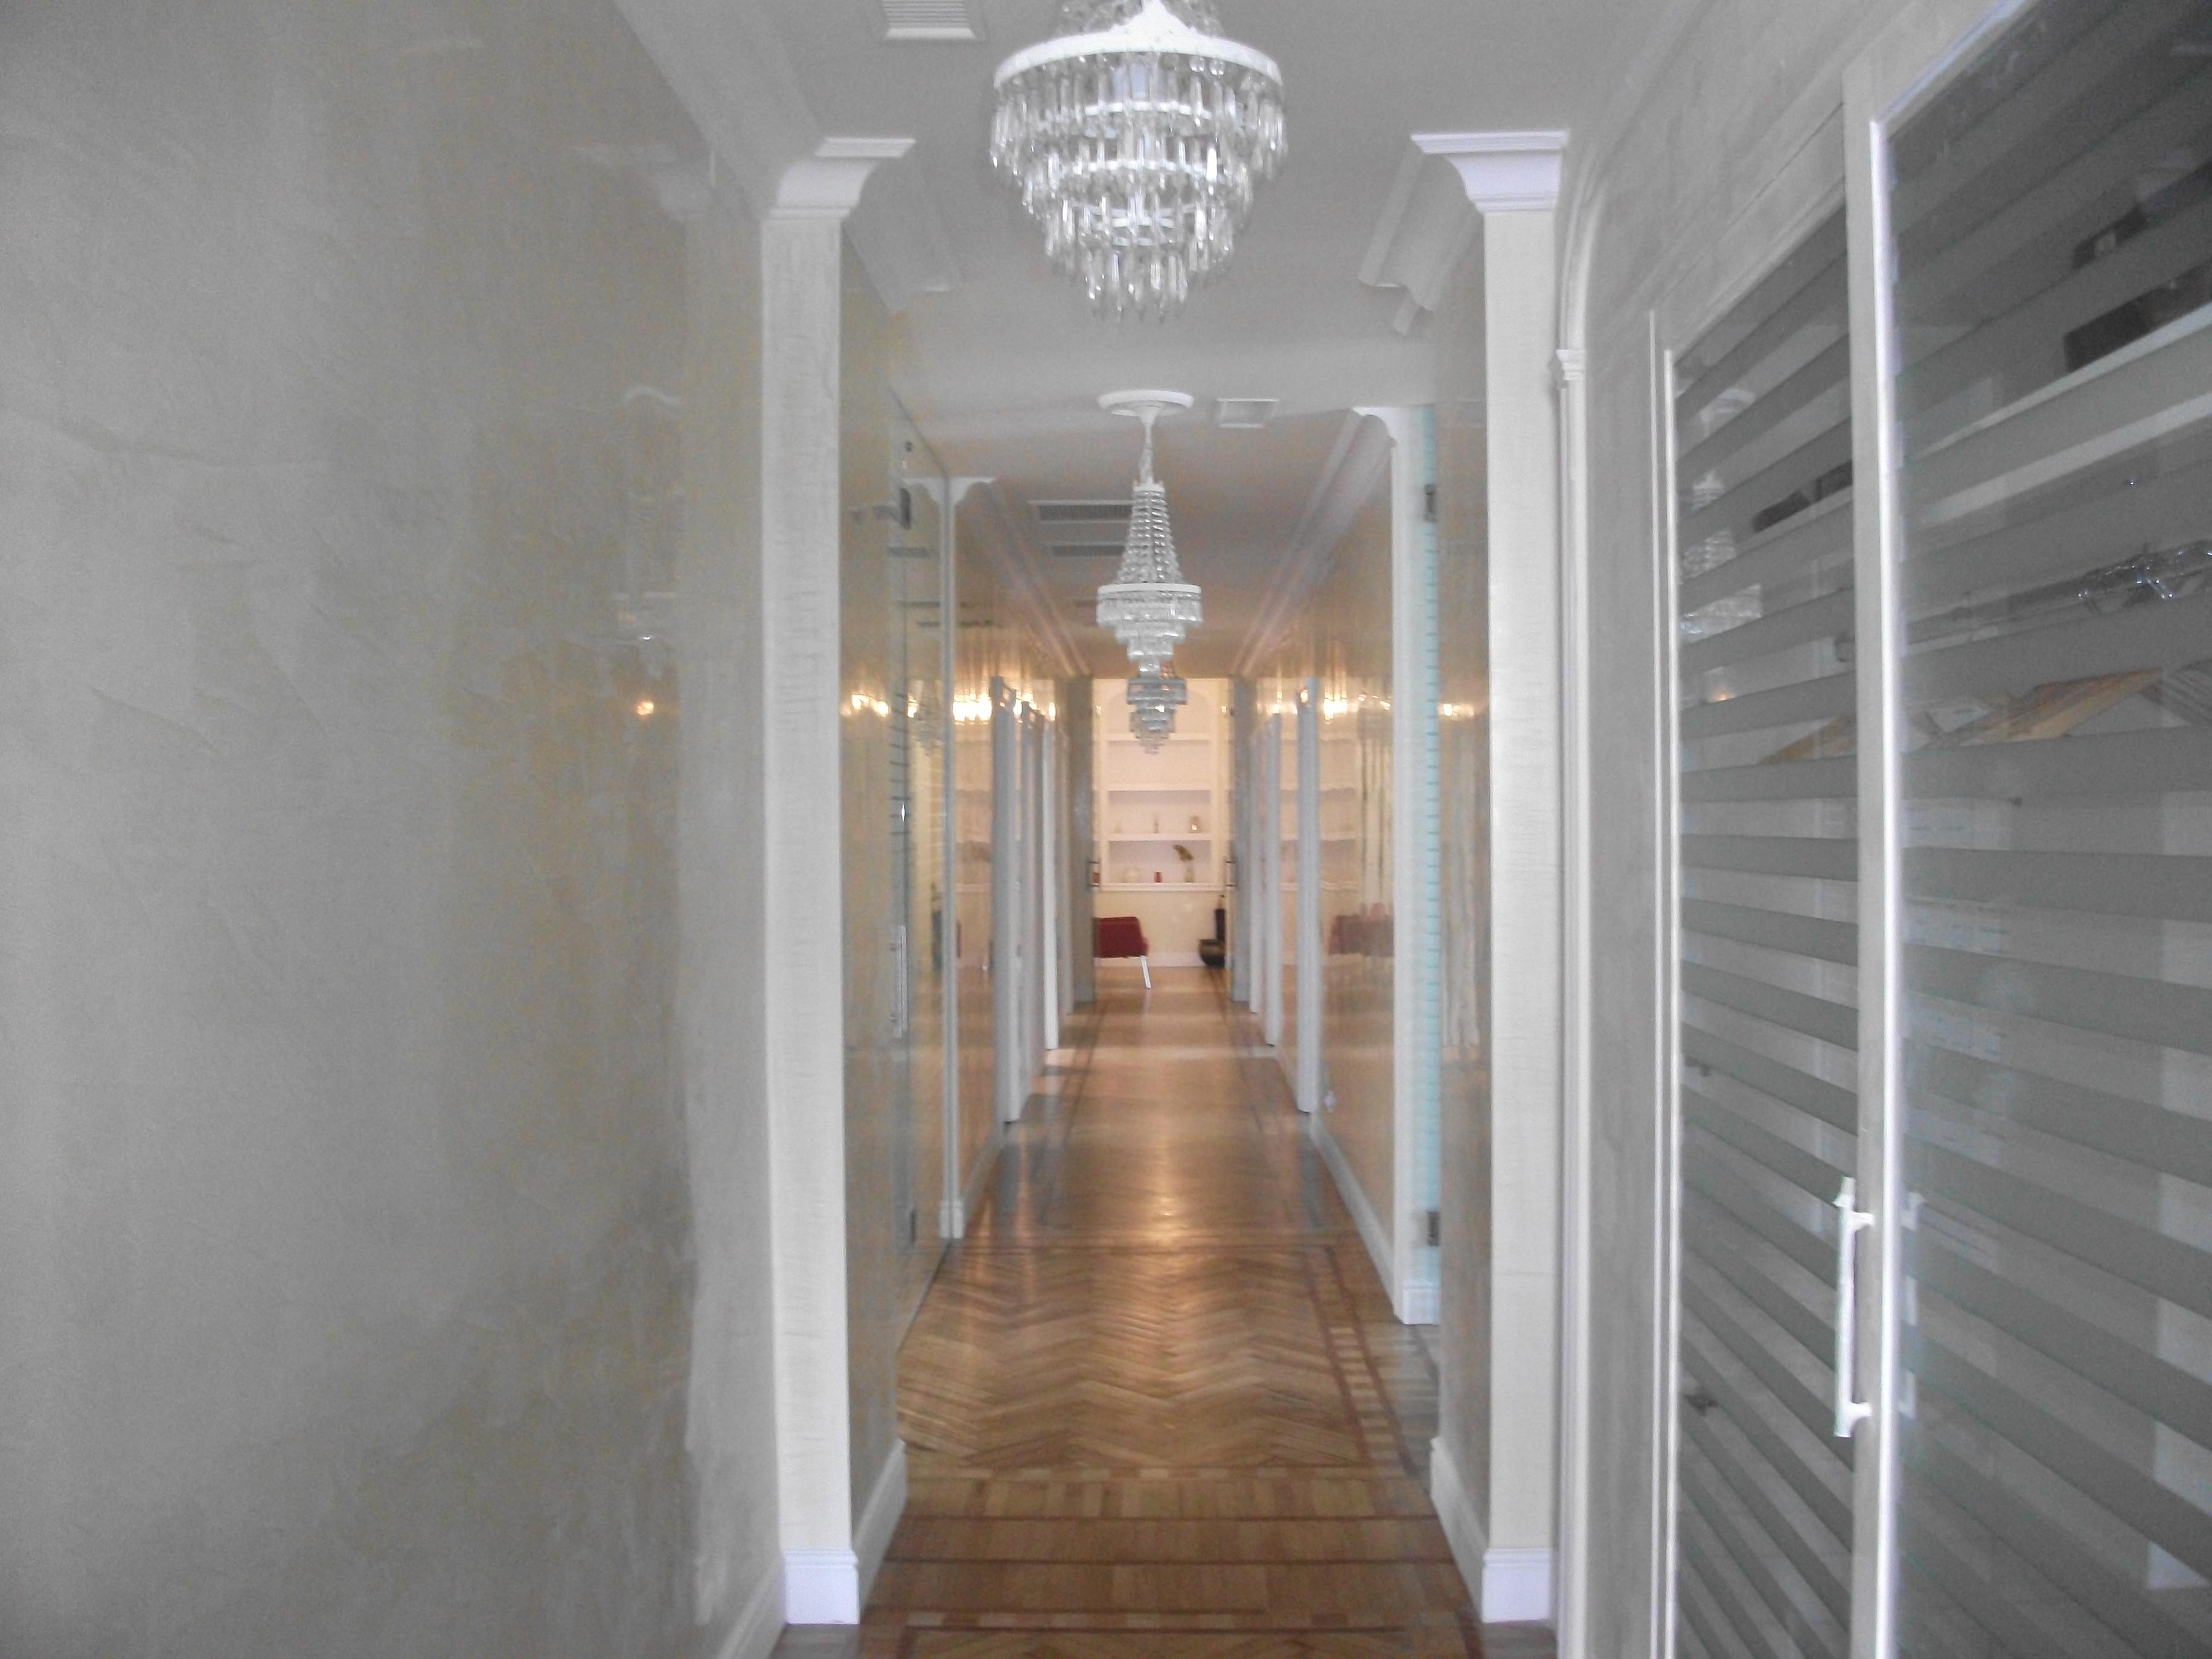 Grassello di calce milano materiale lucido come il marmo - Stucco veneziano bagno ...